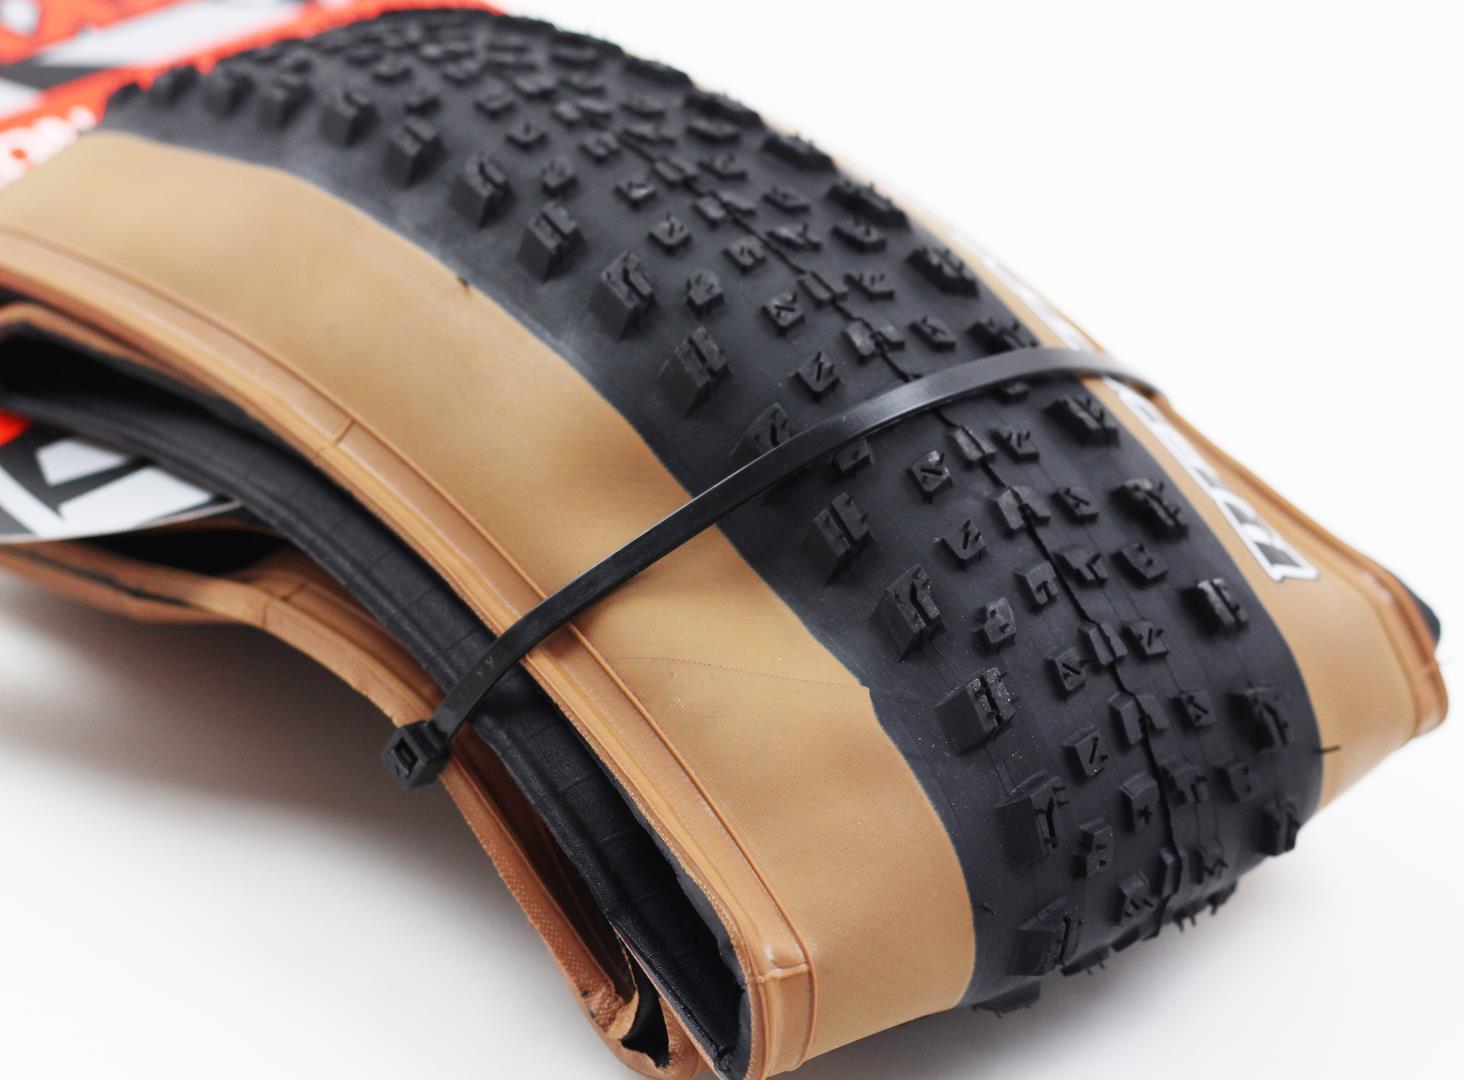 Pneu Mtb Maxxis Recon Race 29 2.25 Tubeless Ready Exo Protection em Kevlar 60 TPI Tanwall Faixa Marrom